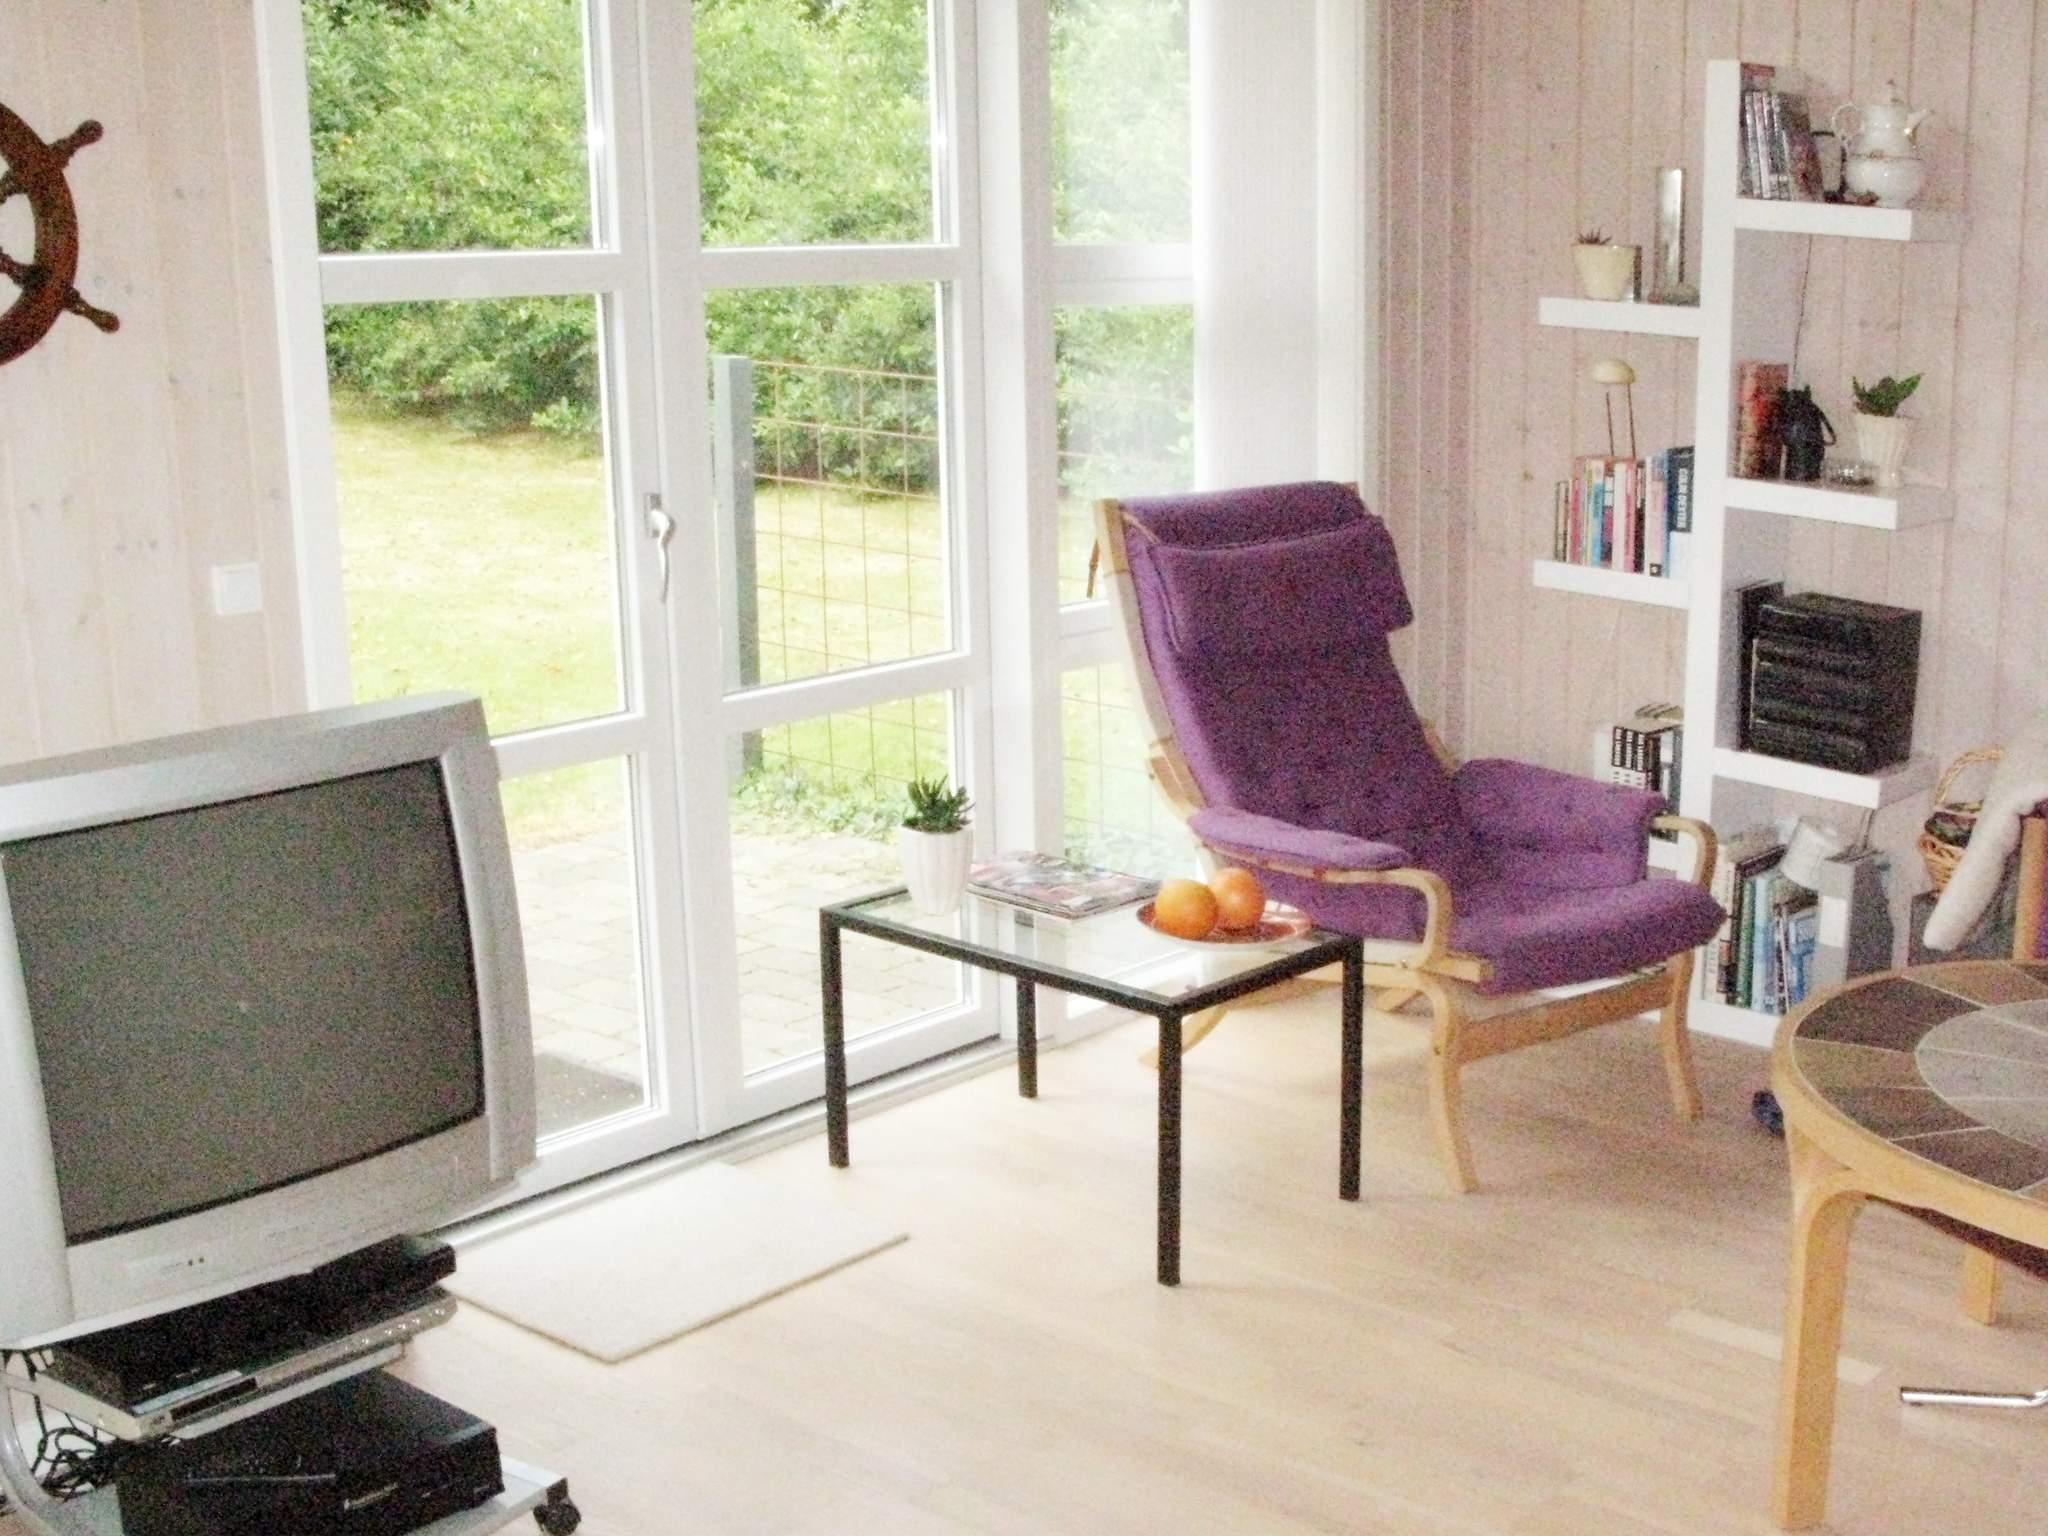 Ferienhaus Handbjerg (825571), Handbjerg, , Westjütland, Dänemark, Bild 4